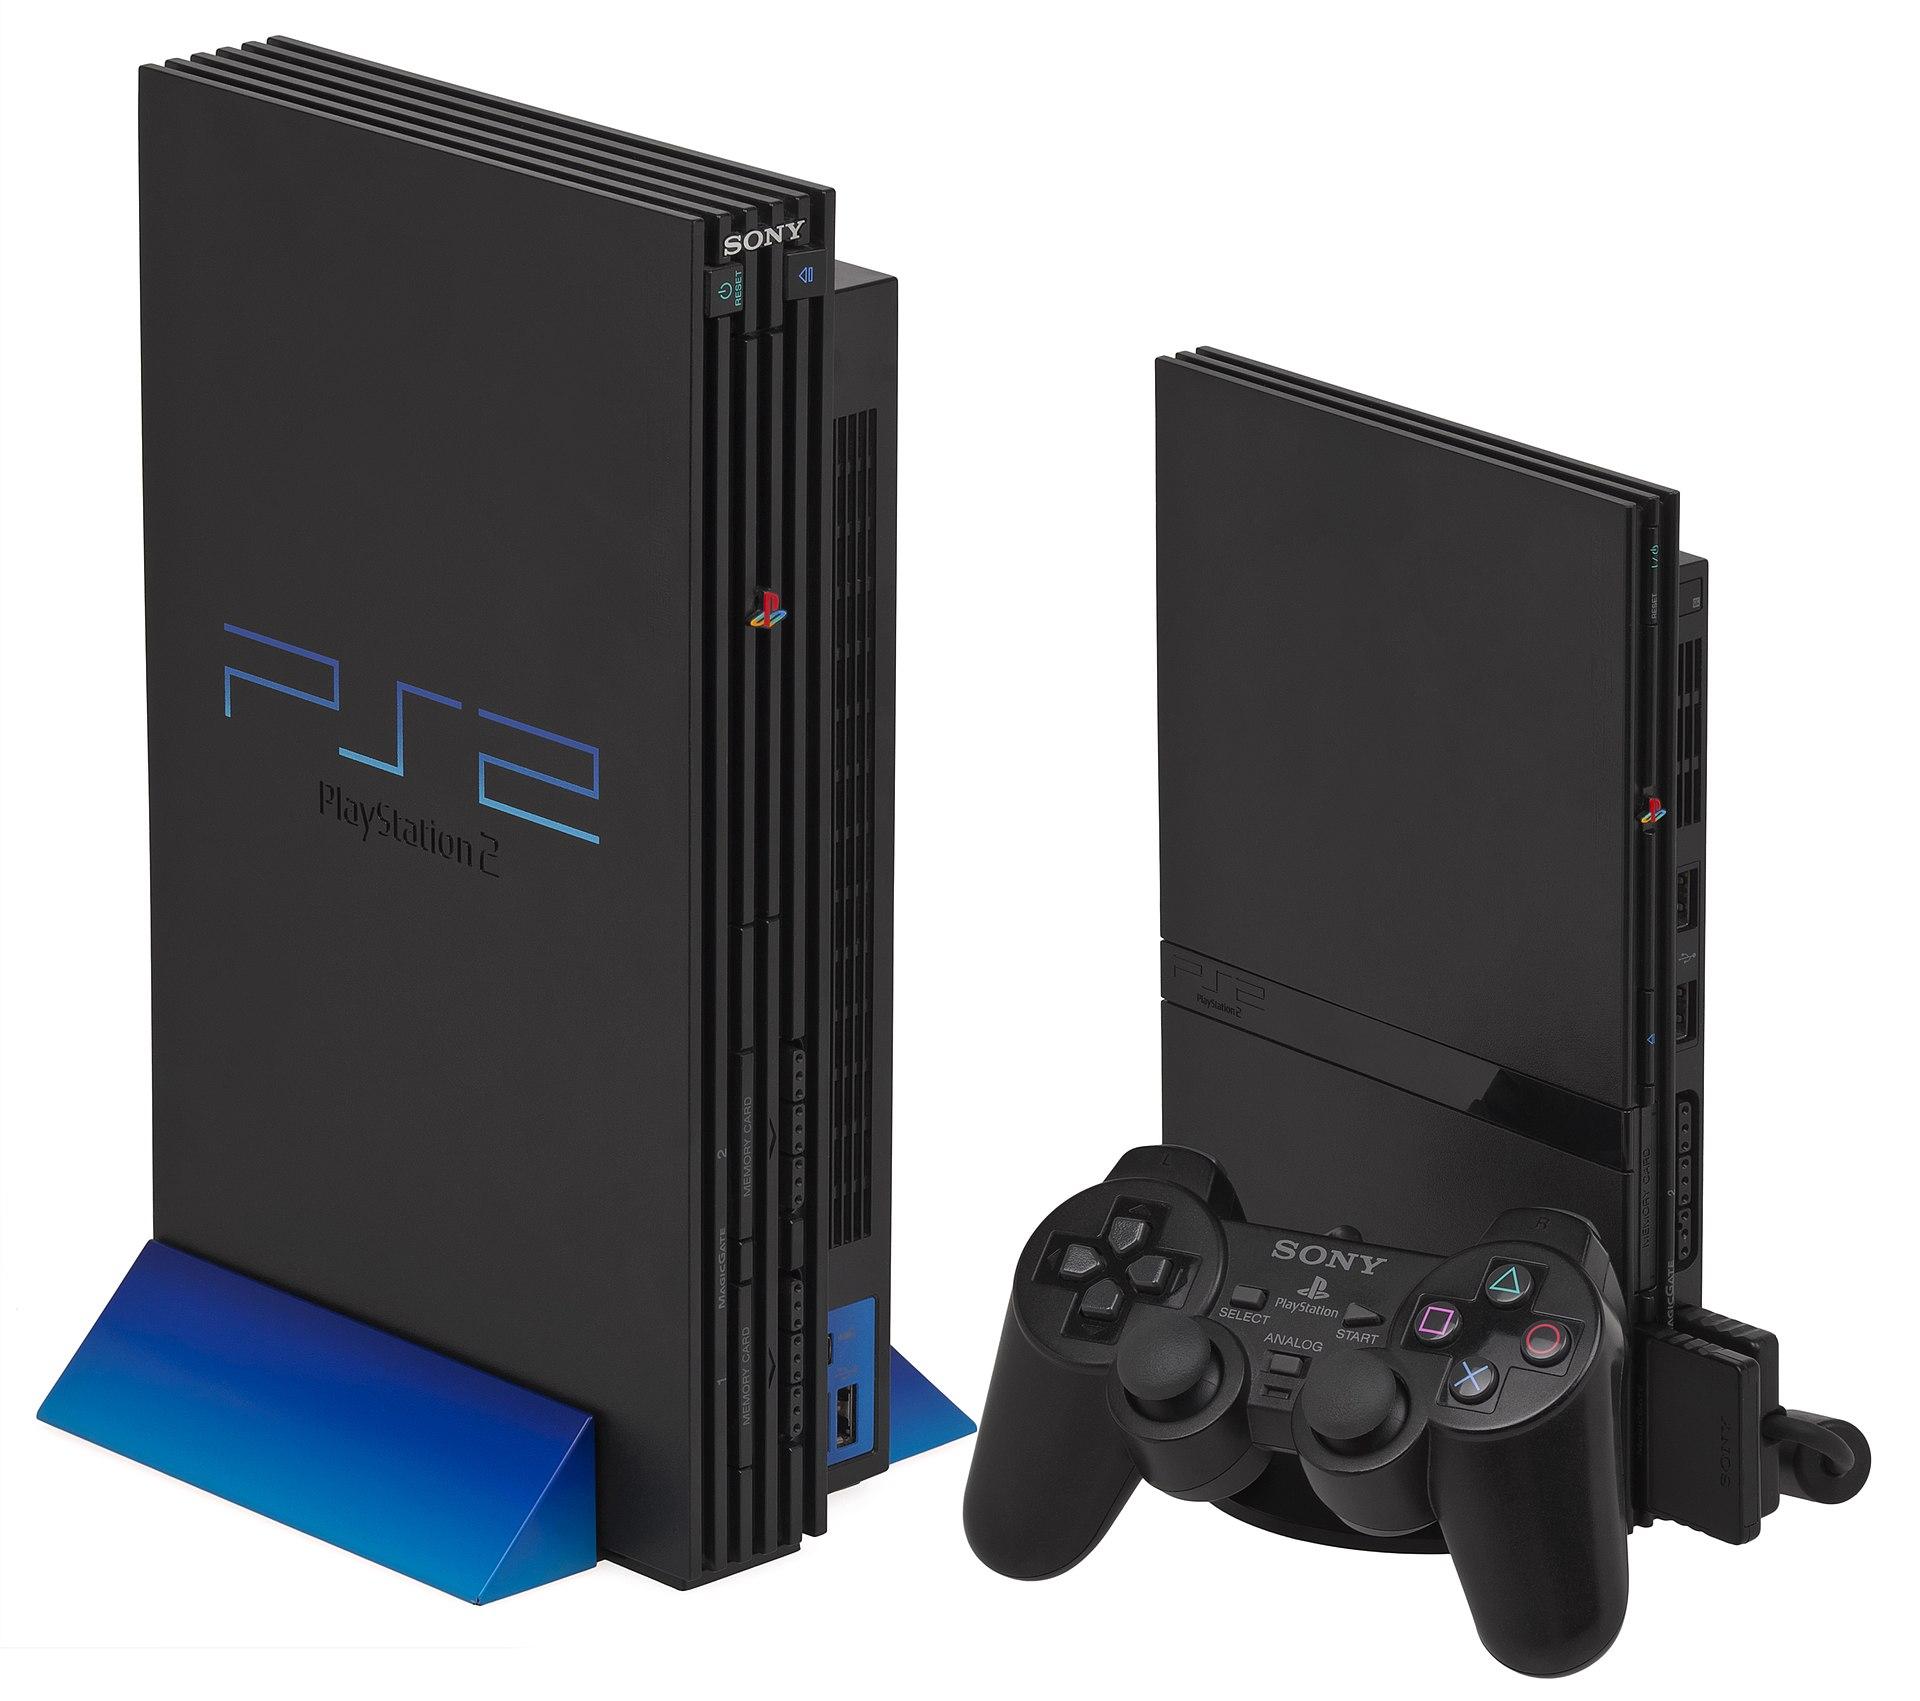 PlayStation 2 - Wikipedia